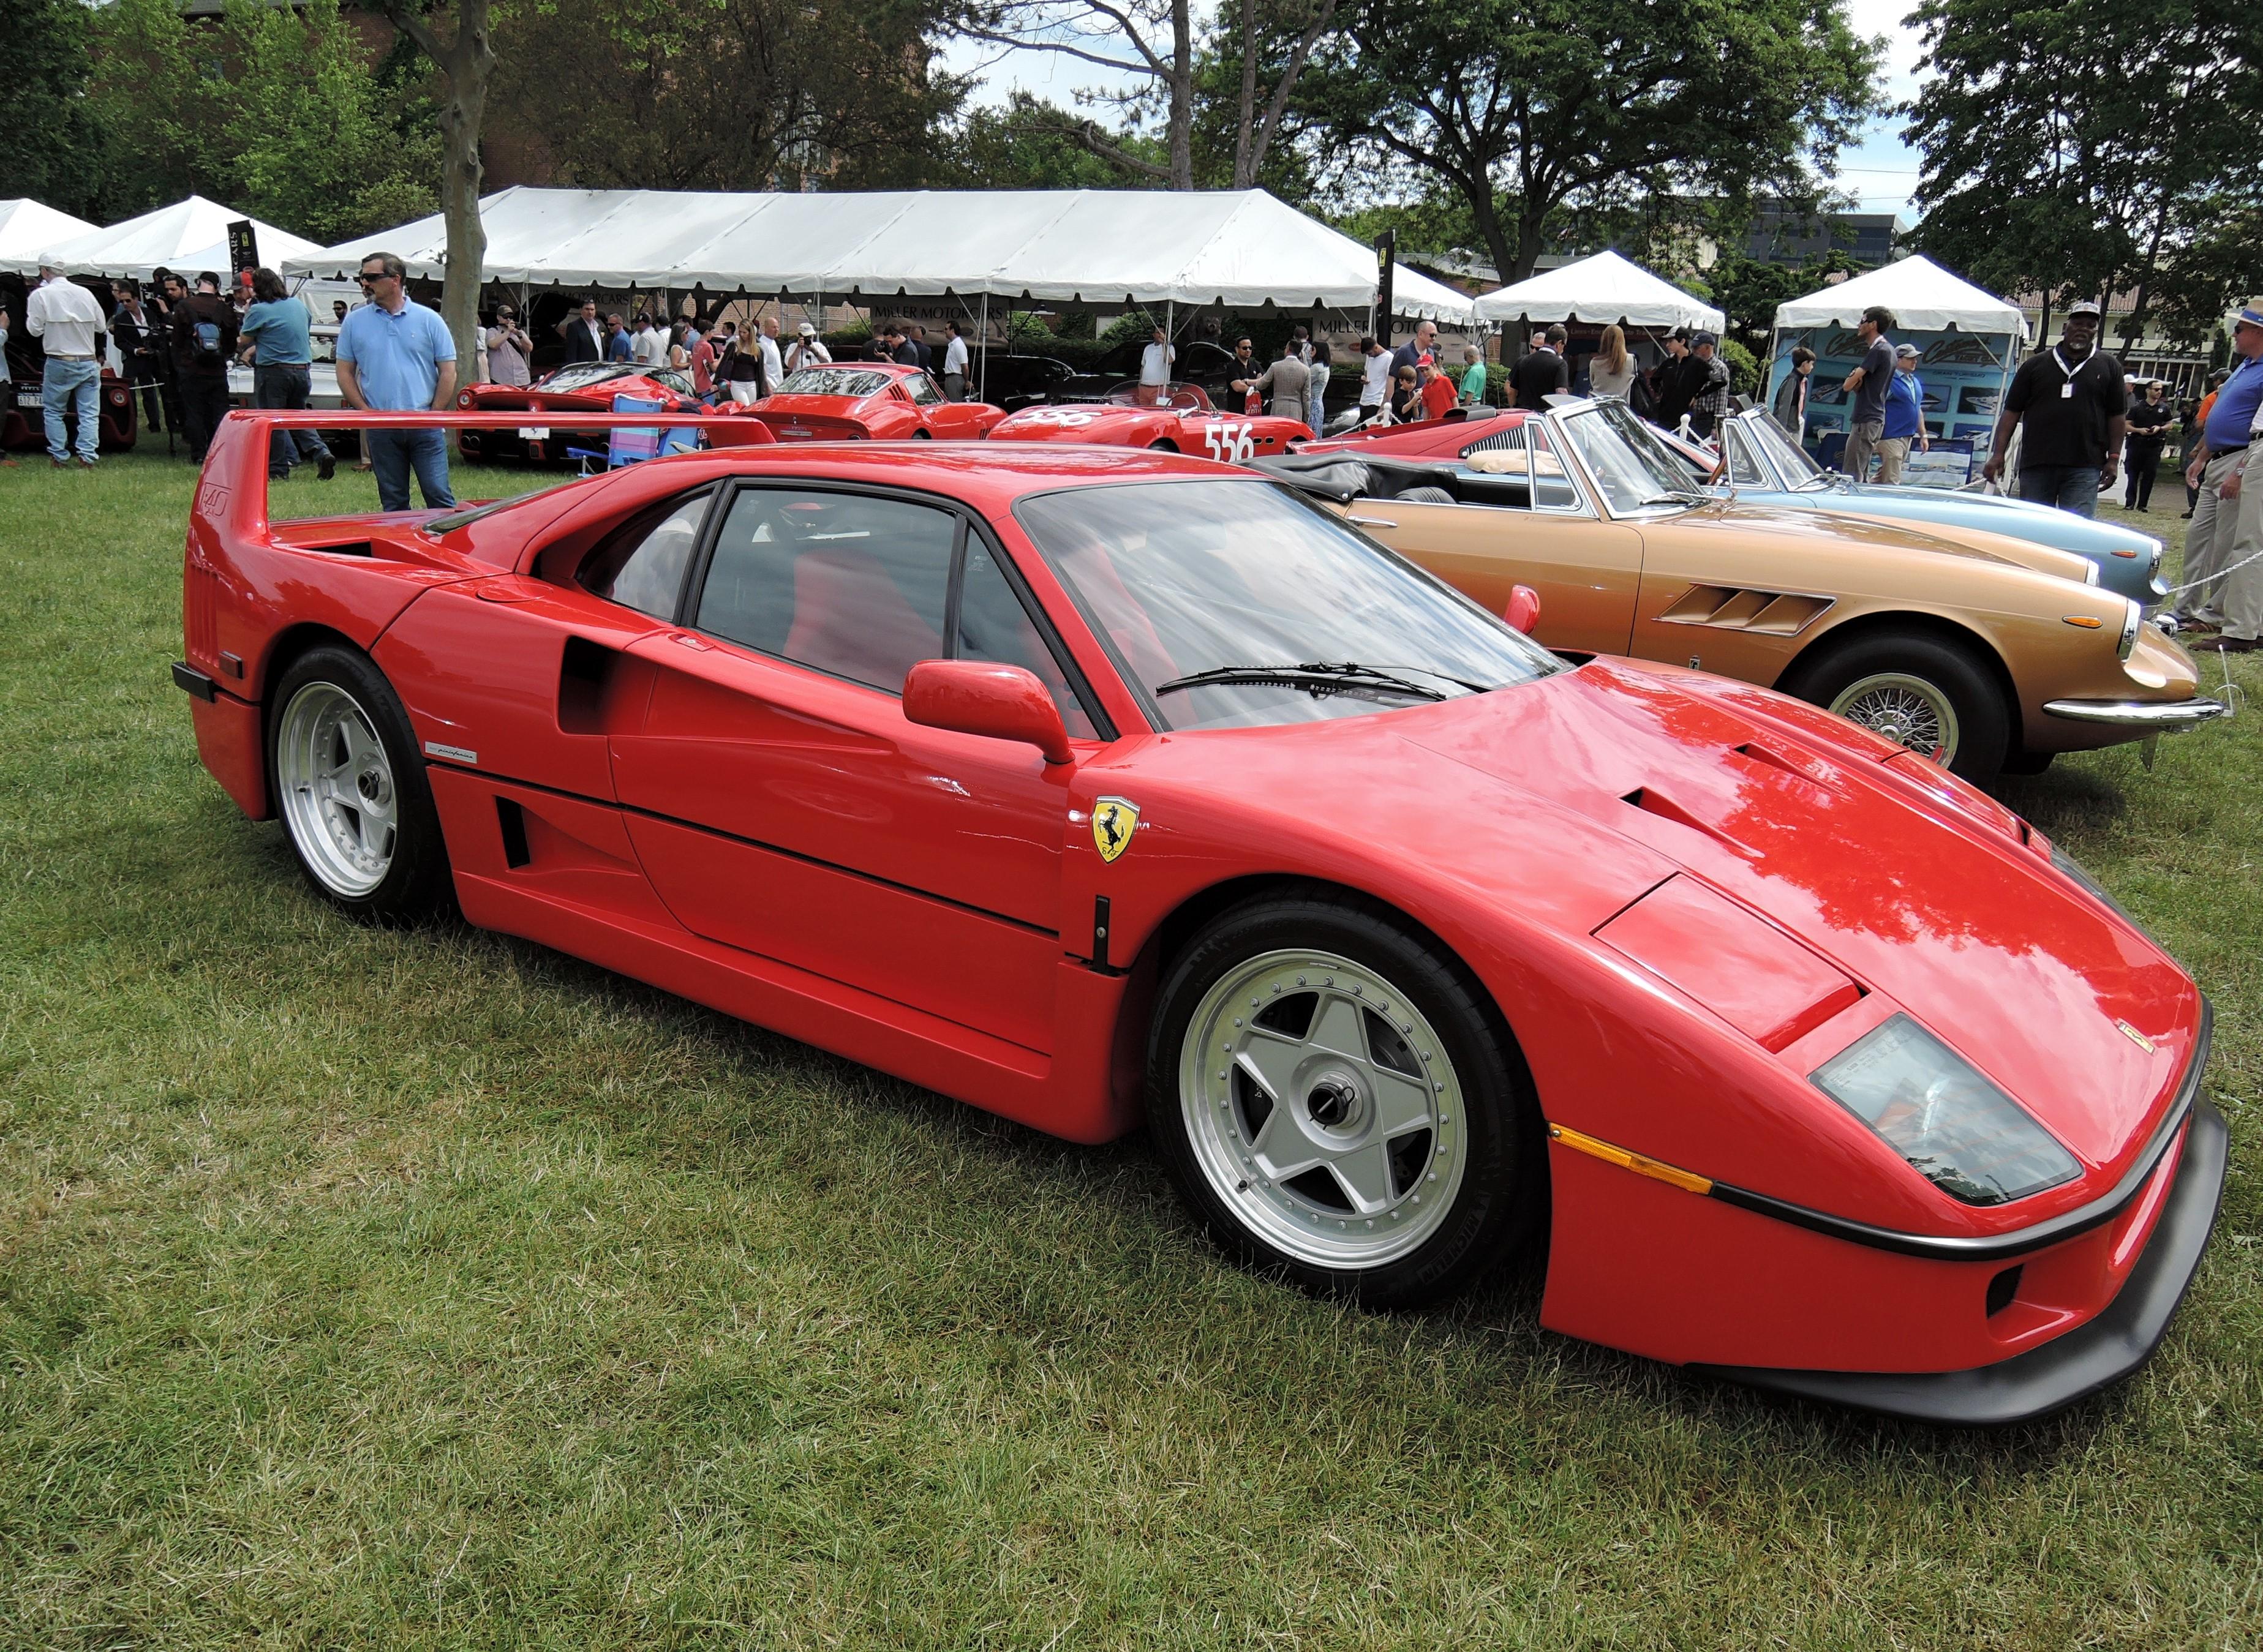 red 1991 Ferrari F40 - Greenwich Concours d'Elegance 2017